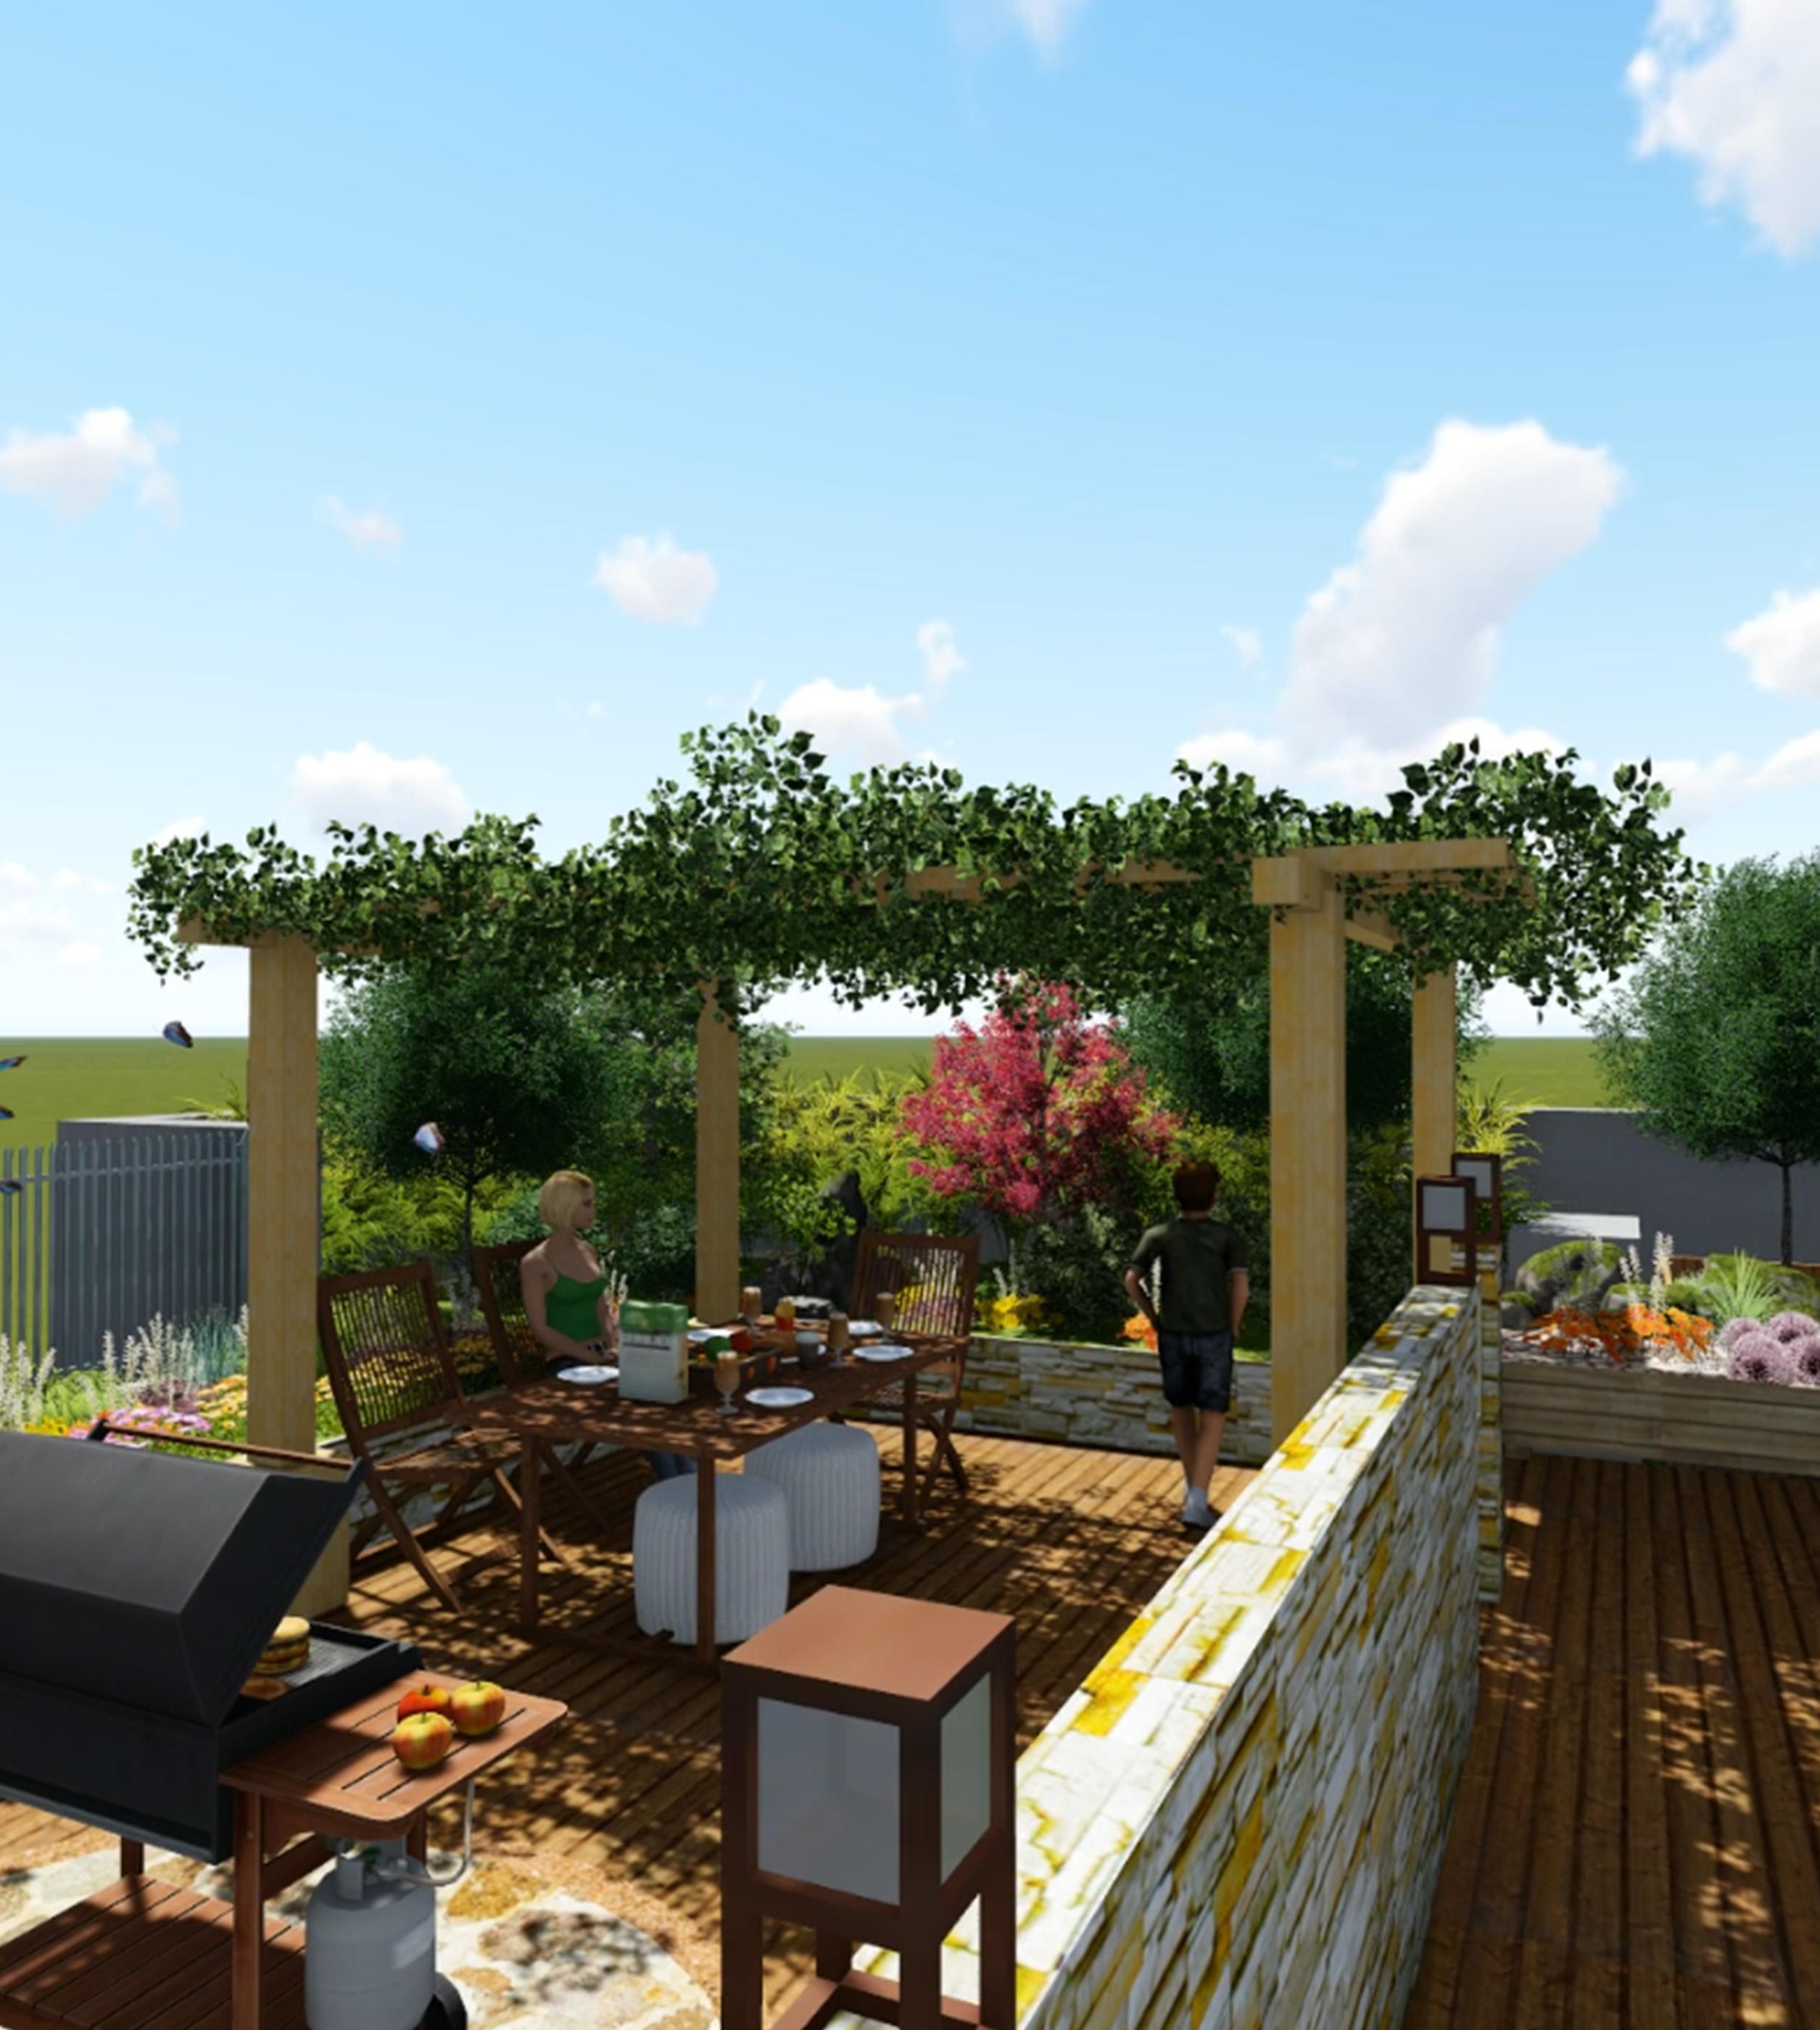 屋顶花园视频